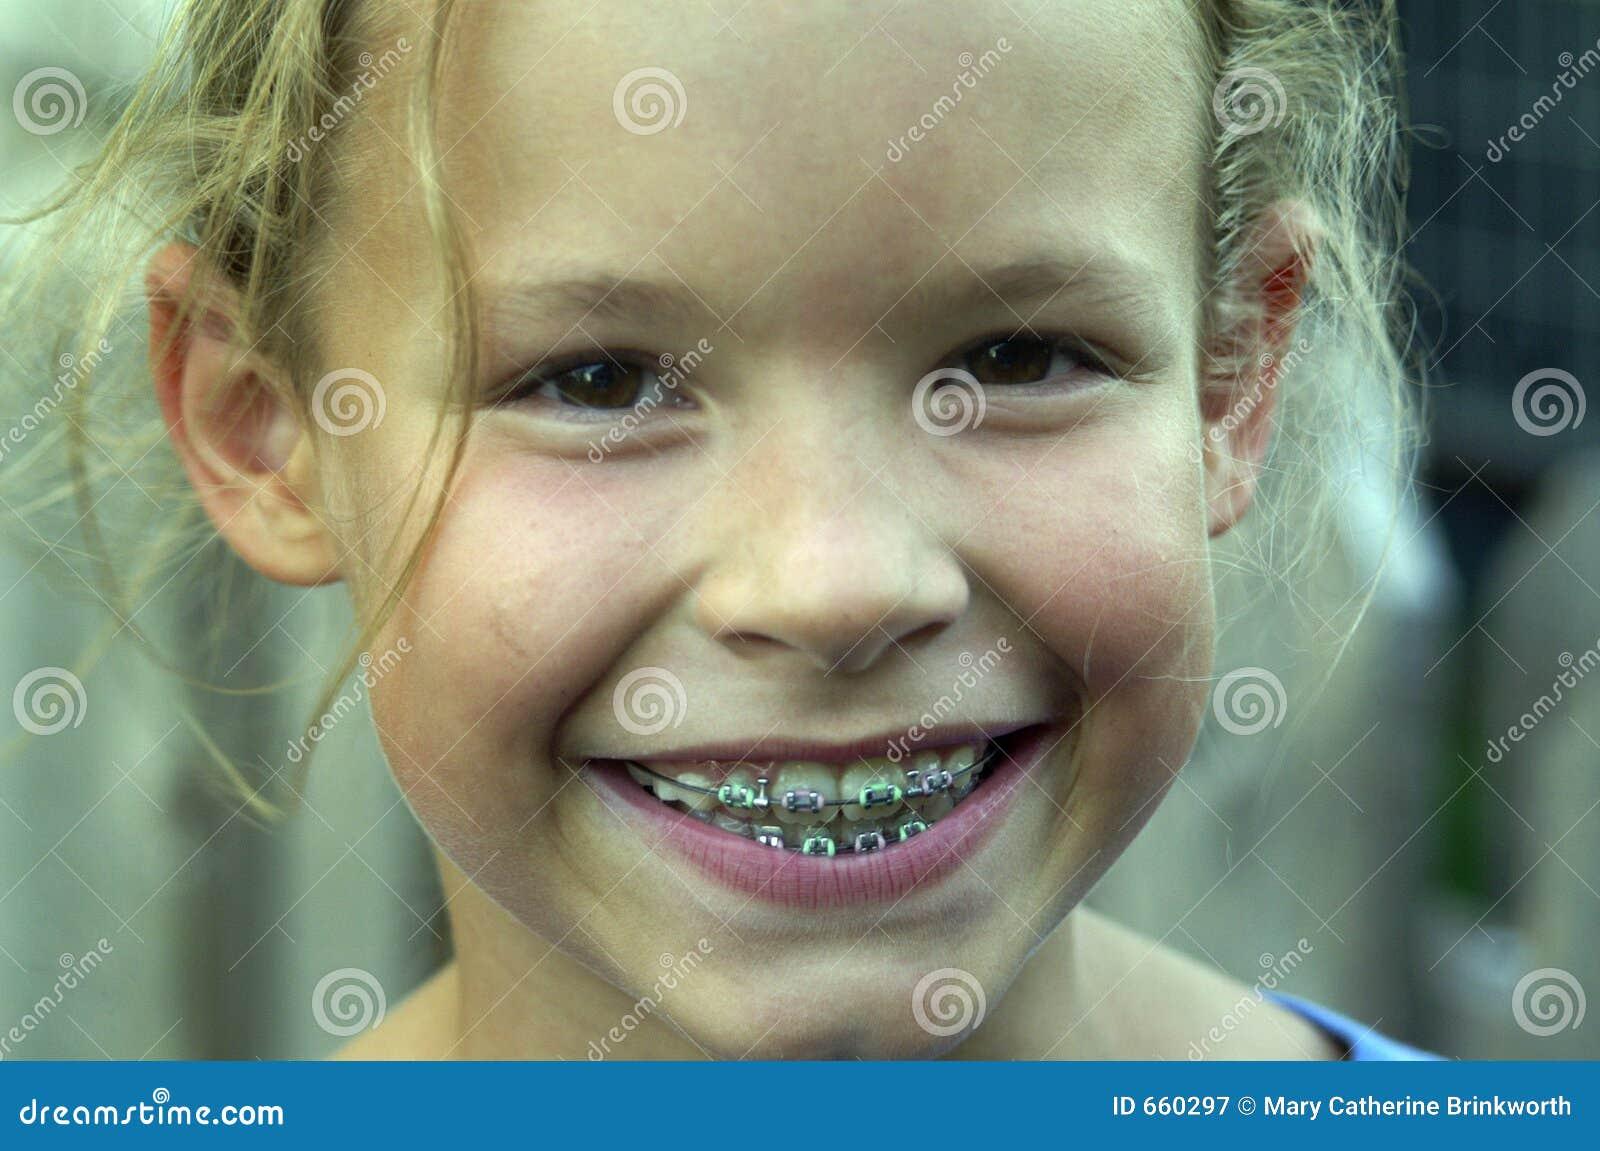 Кривые зубы у детей брекеты фото